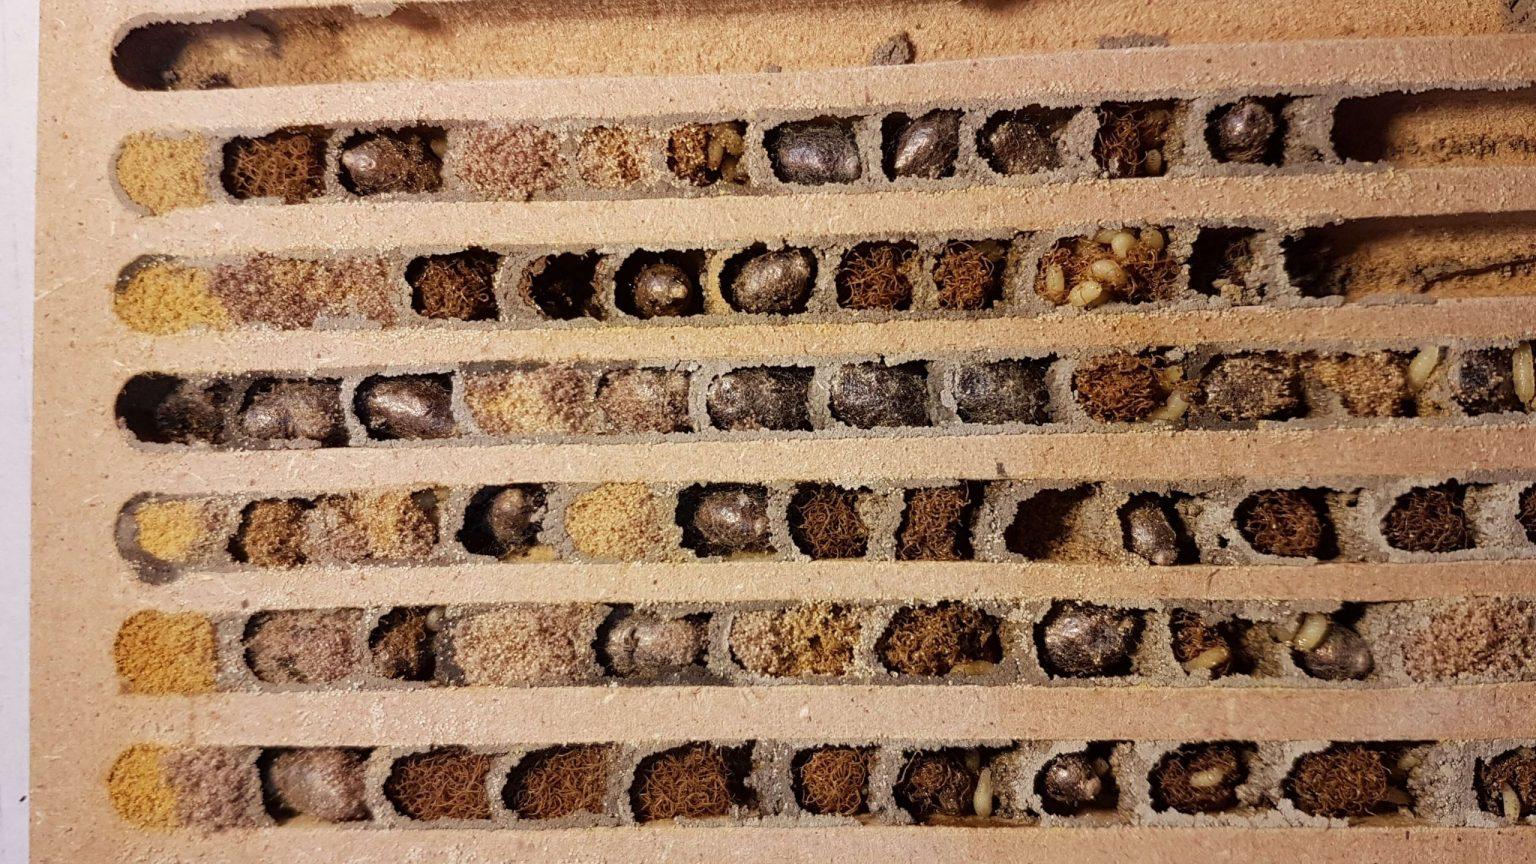 Nistbrett mit Kokons der Rostroten Mauerbiene (Osmia bicornis) parasitiert von Milben und Taufliegen